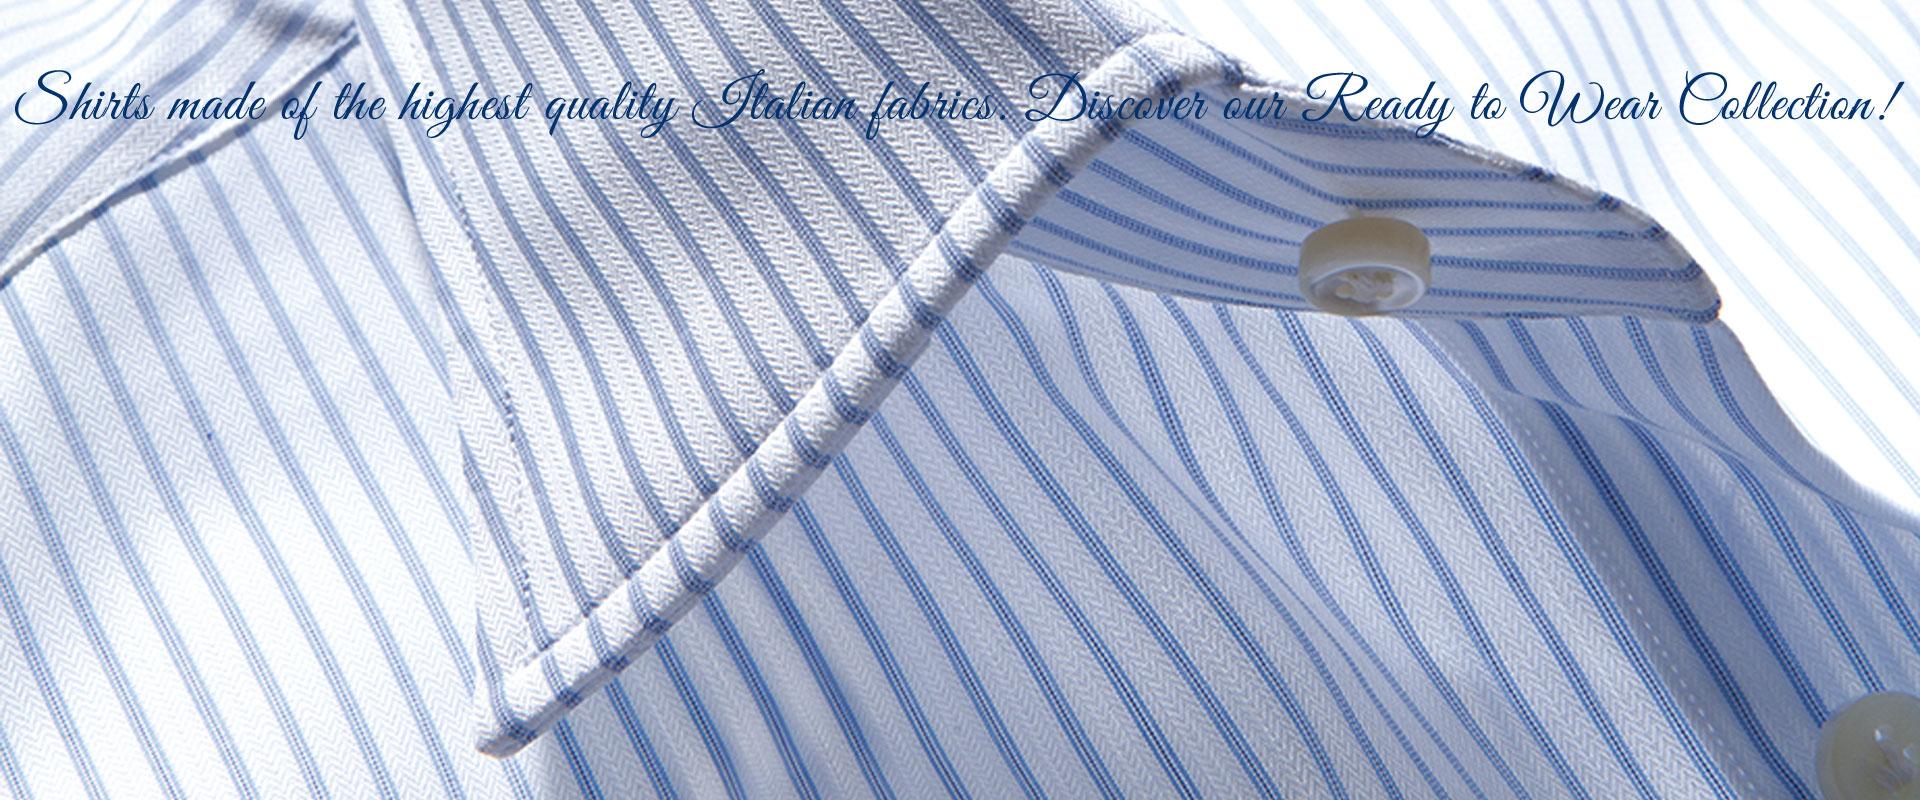 Shirt Banner FW21